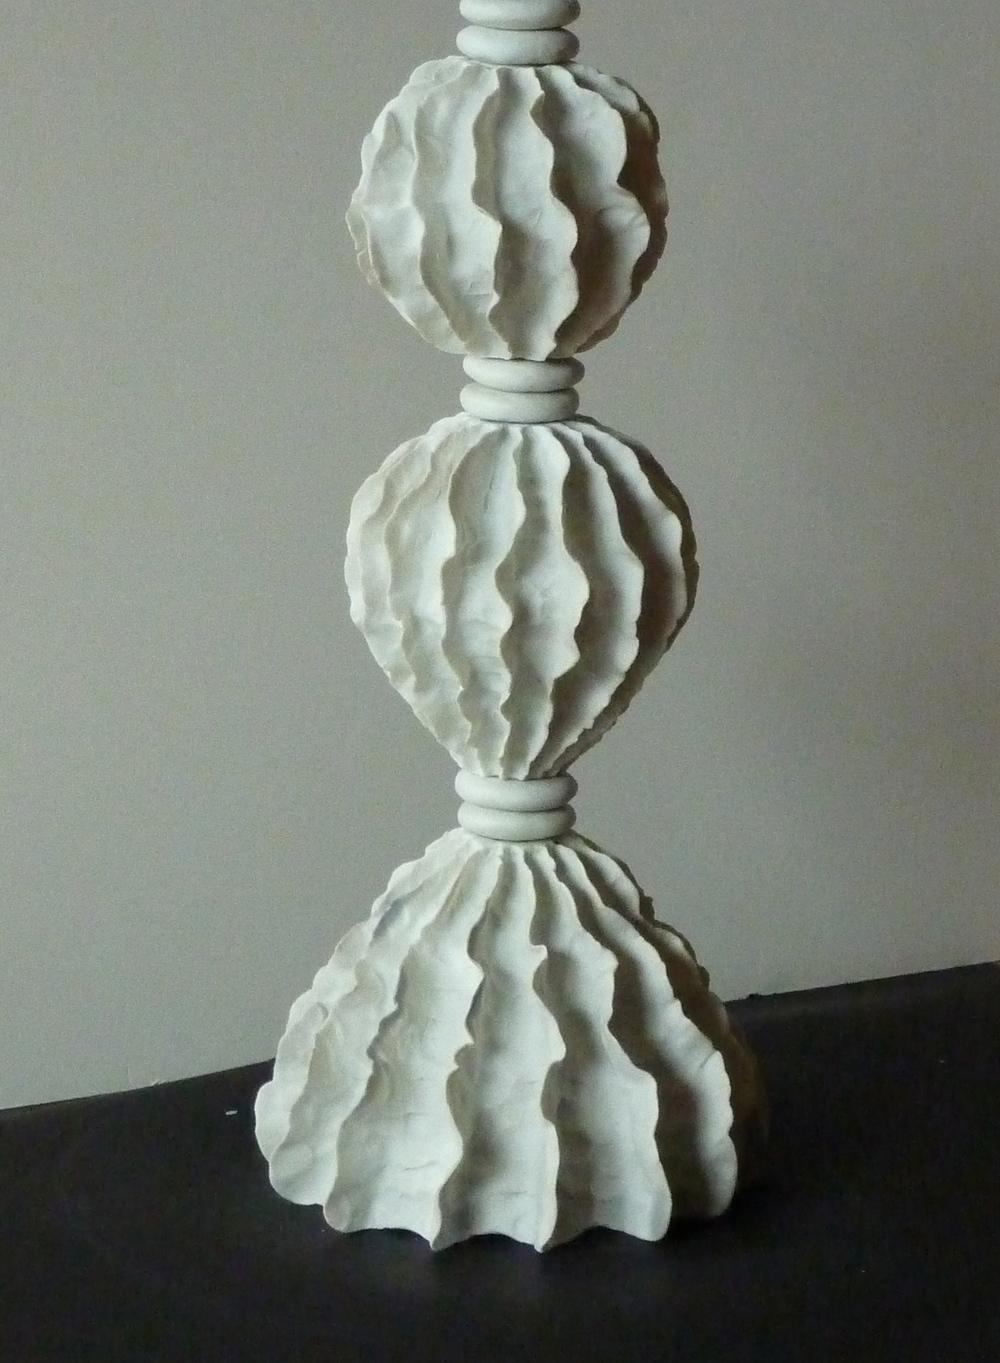 Wavy Porcelain lamp